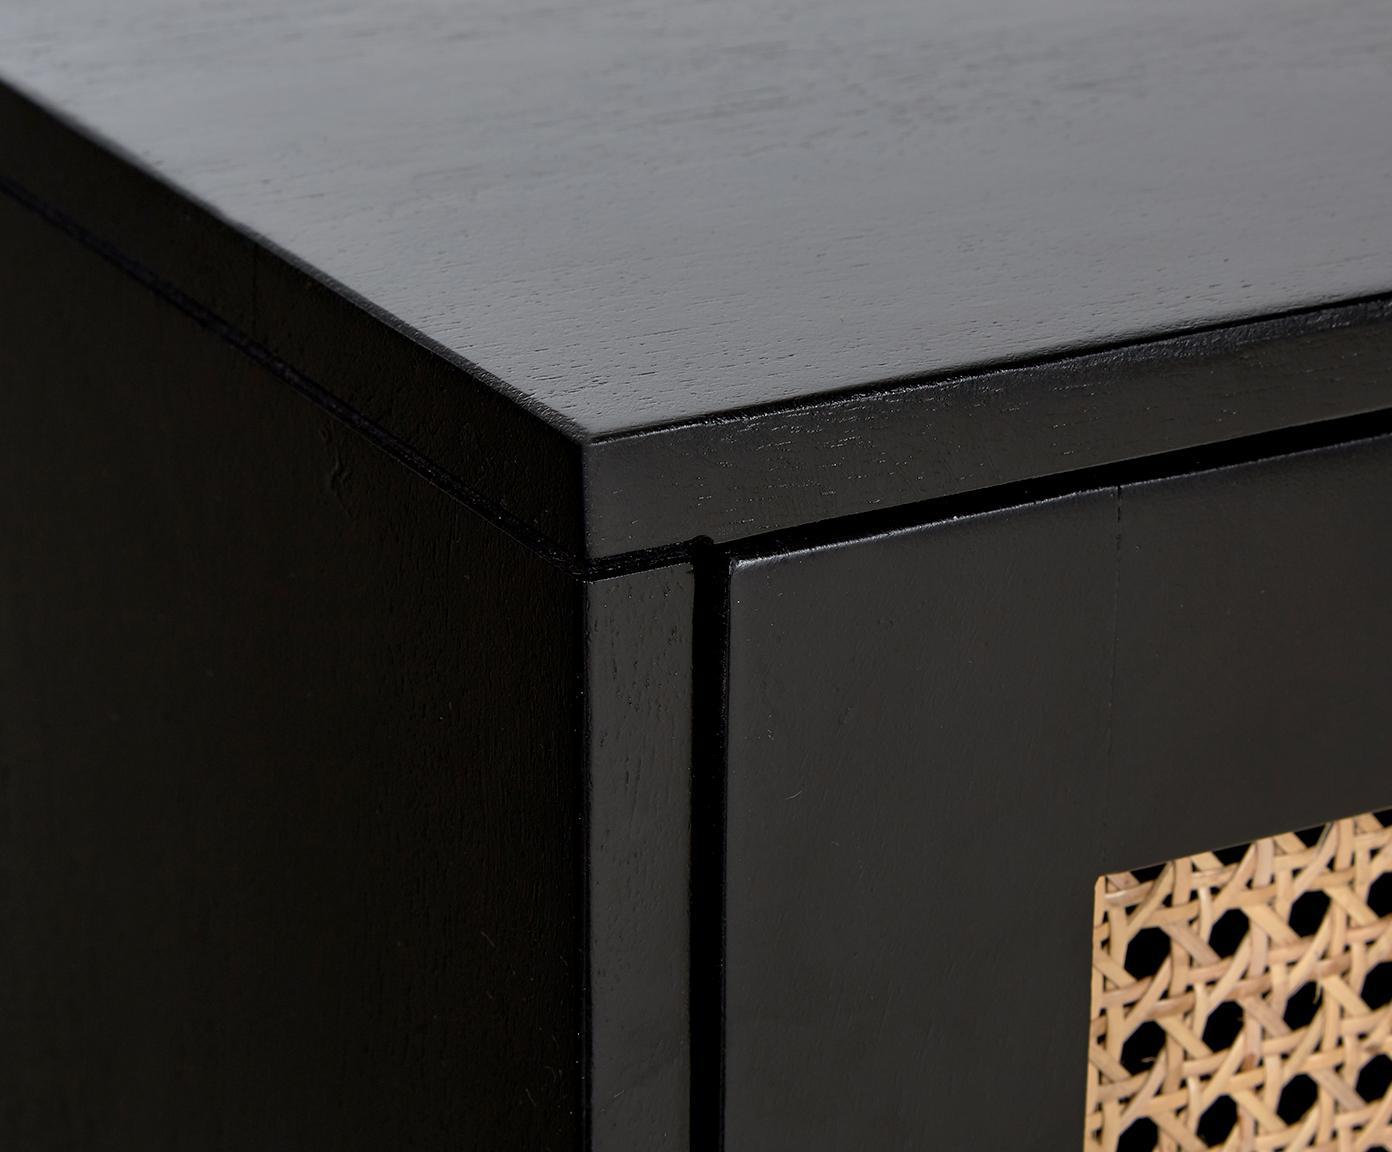 Szafka niska z plecionką wiedeńską Vienna, Korpus: lite drewno mangowe, laki, Nogi: metal malowany proszkowo , Czarny, beżowy, S 160 x W 50 cm